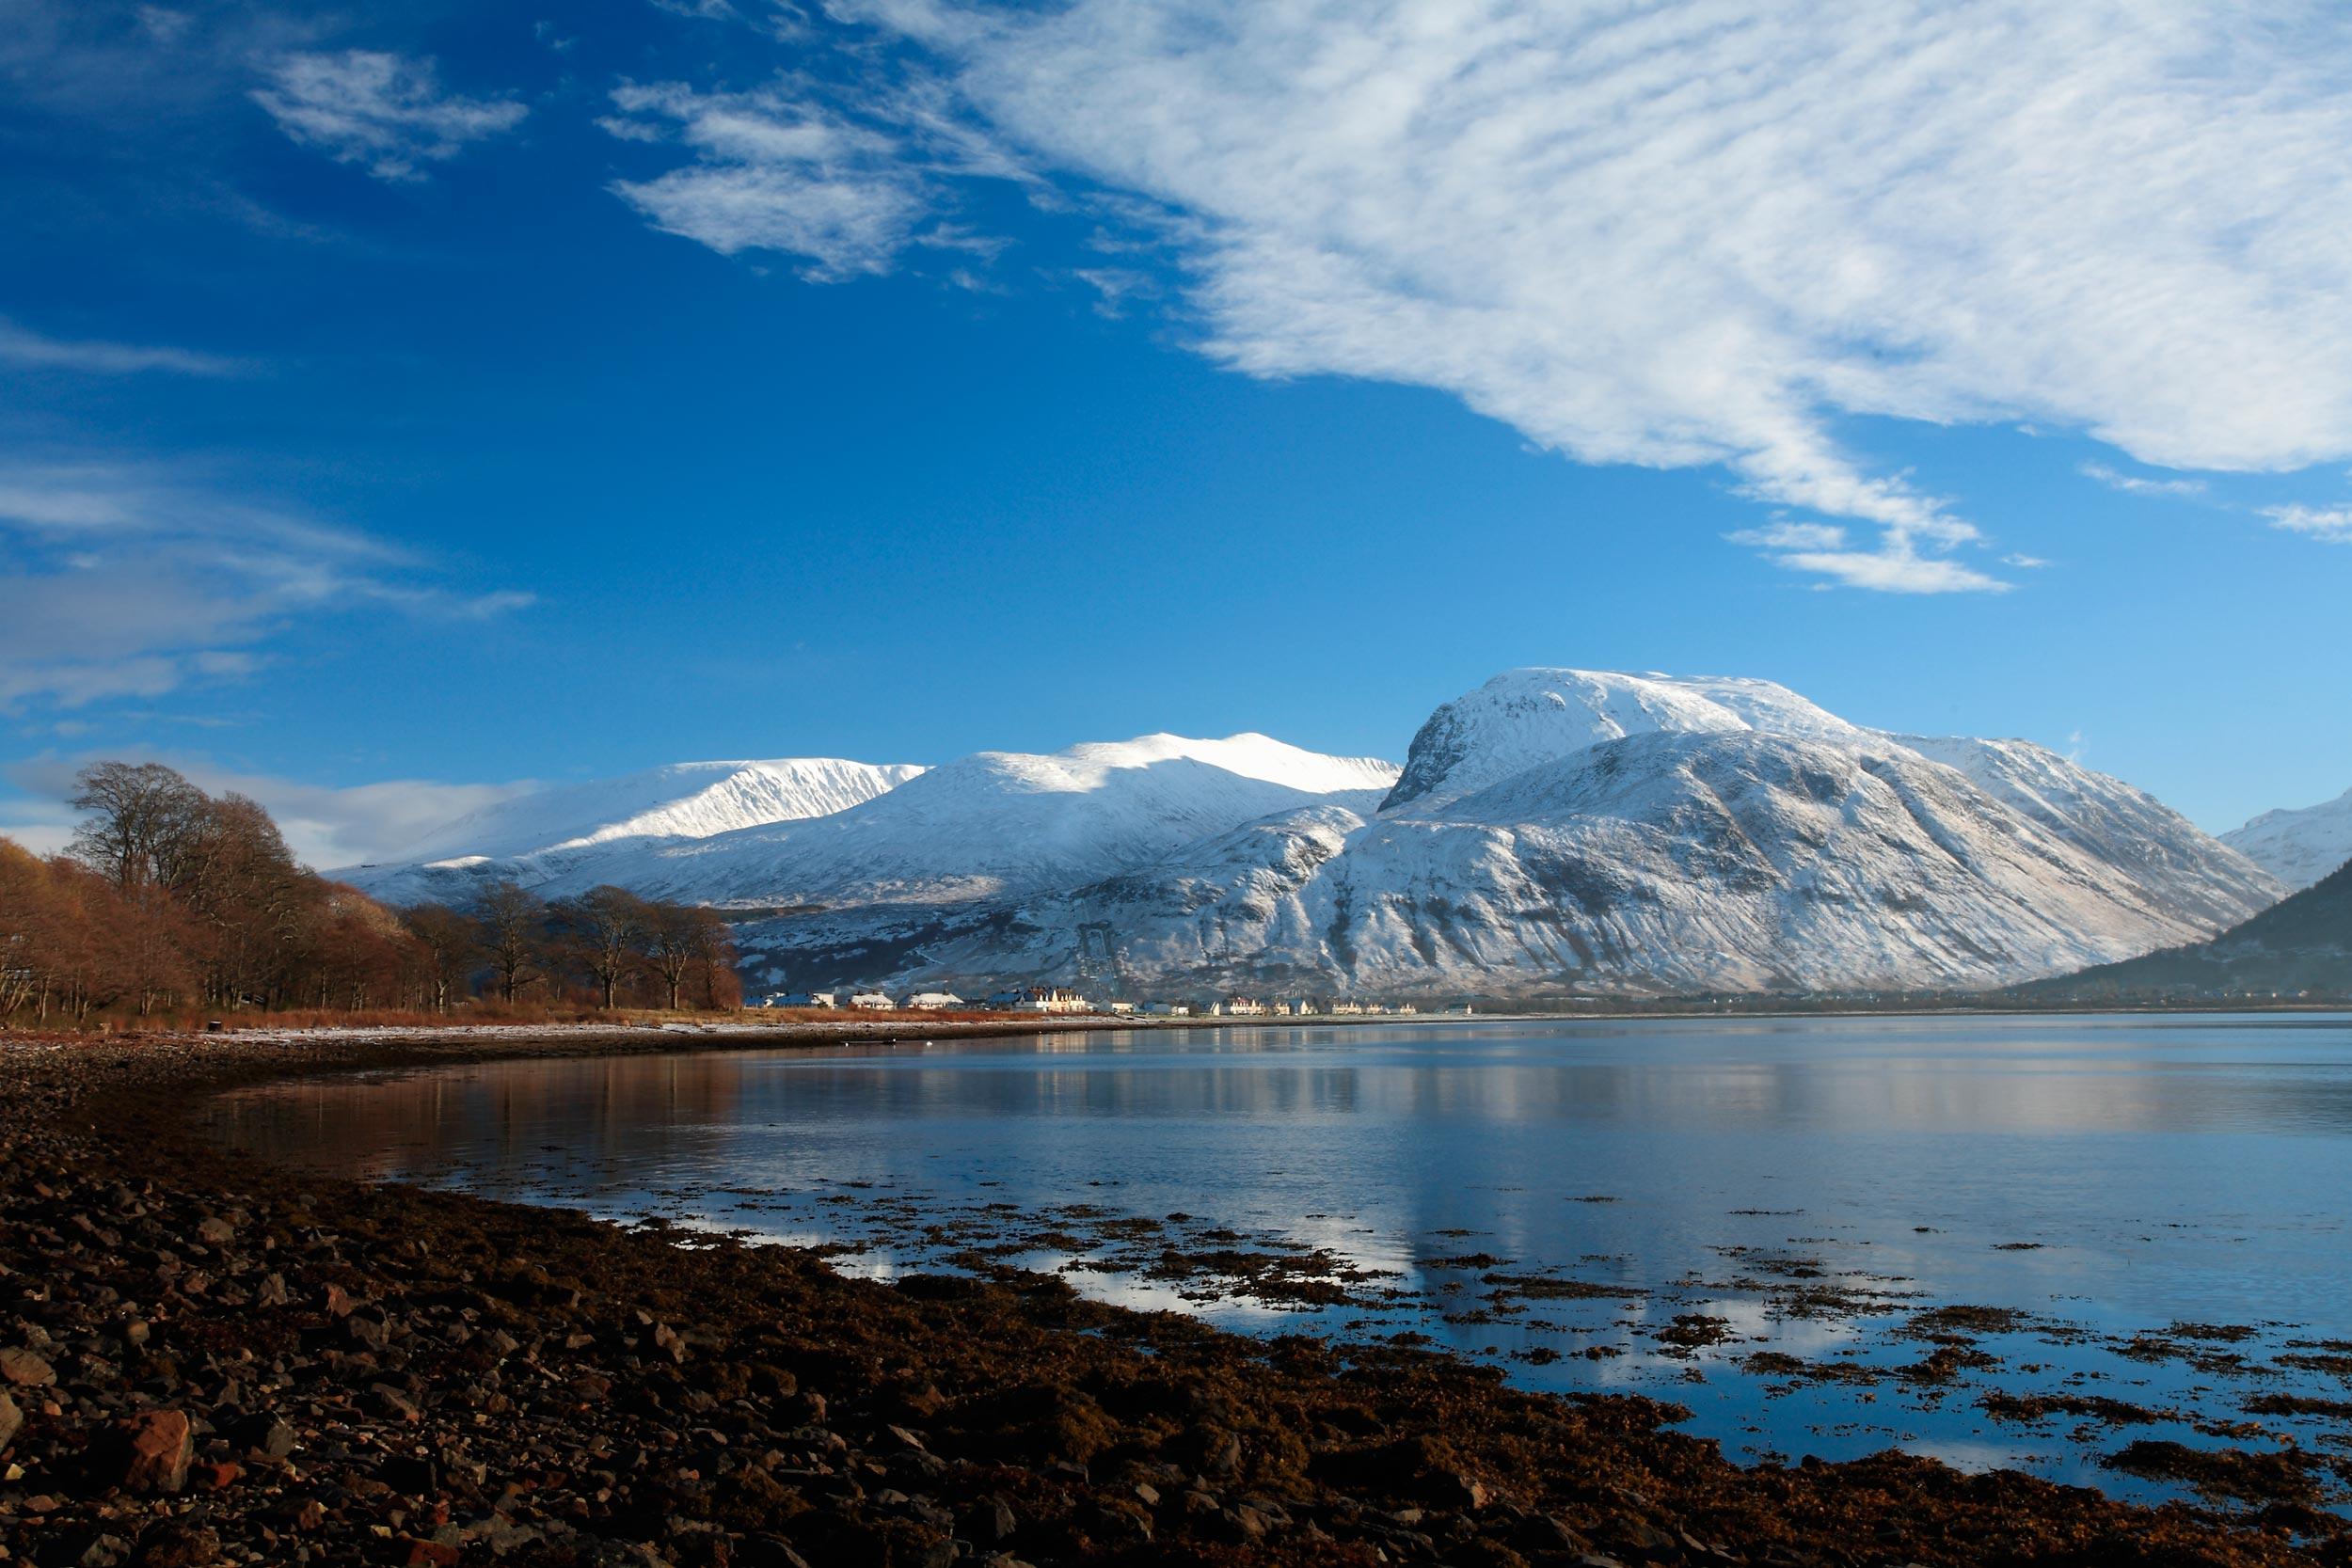 Ben Nevis from Corpach on the shores of Loch Eil, Lochaber, Scotland  (Shutterstock)